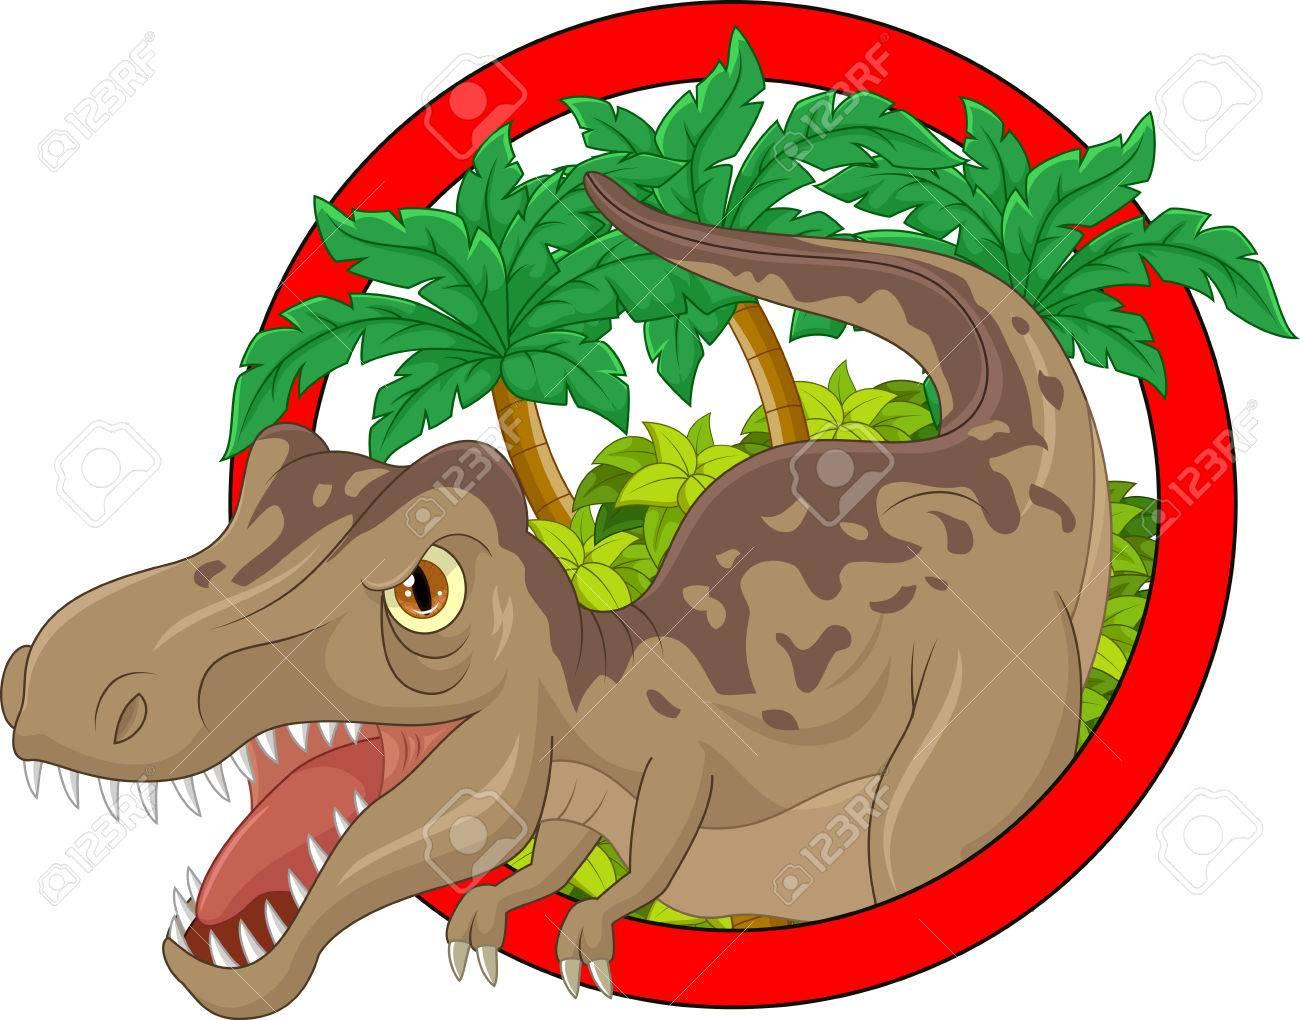 漫画恐竜イラストのイラスト素材ベクタ Image 45092229